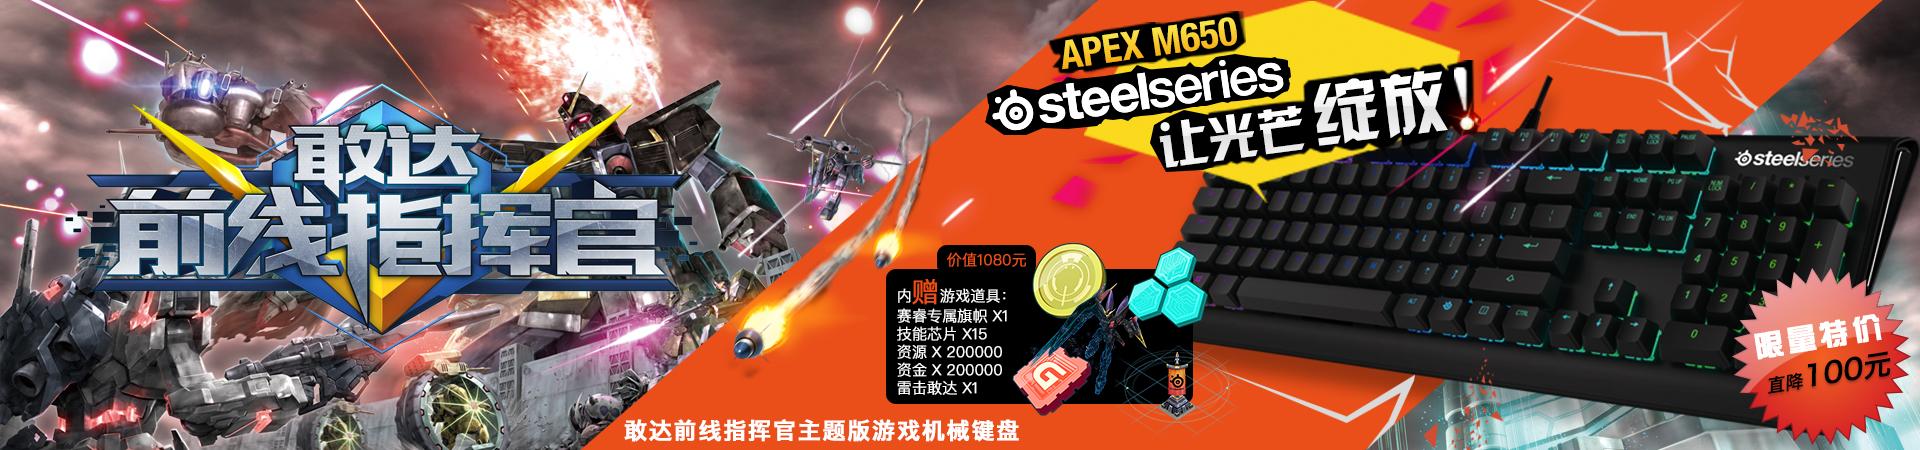 赛睿敢达前线指挥官主题版游戏机械键盘